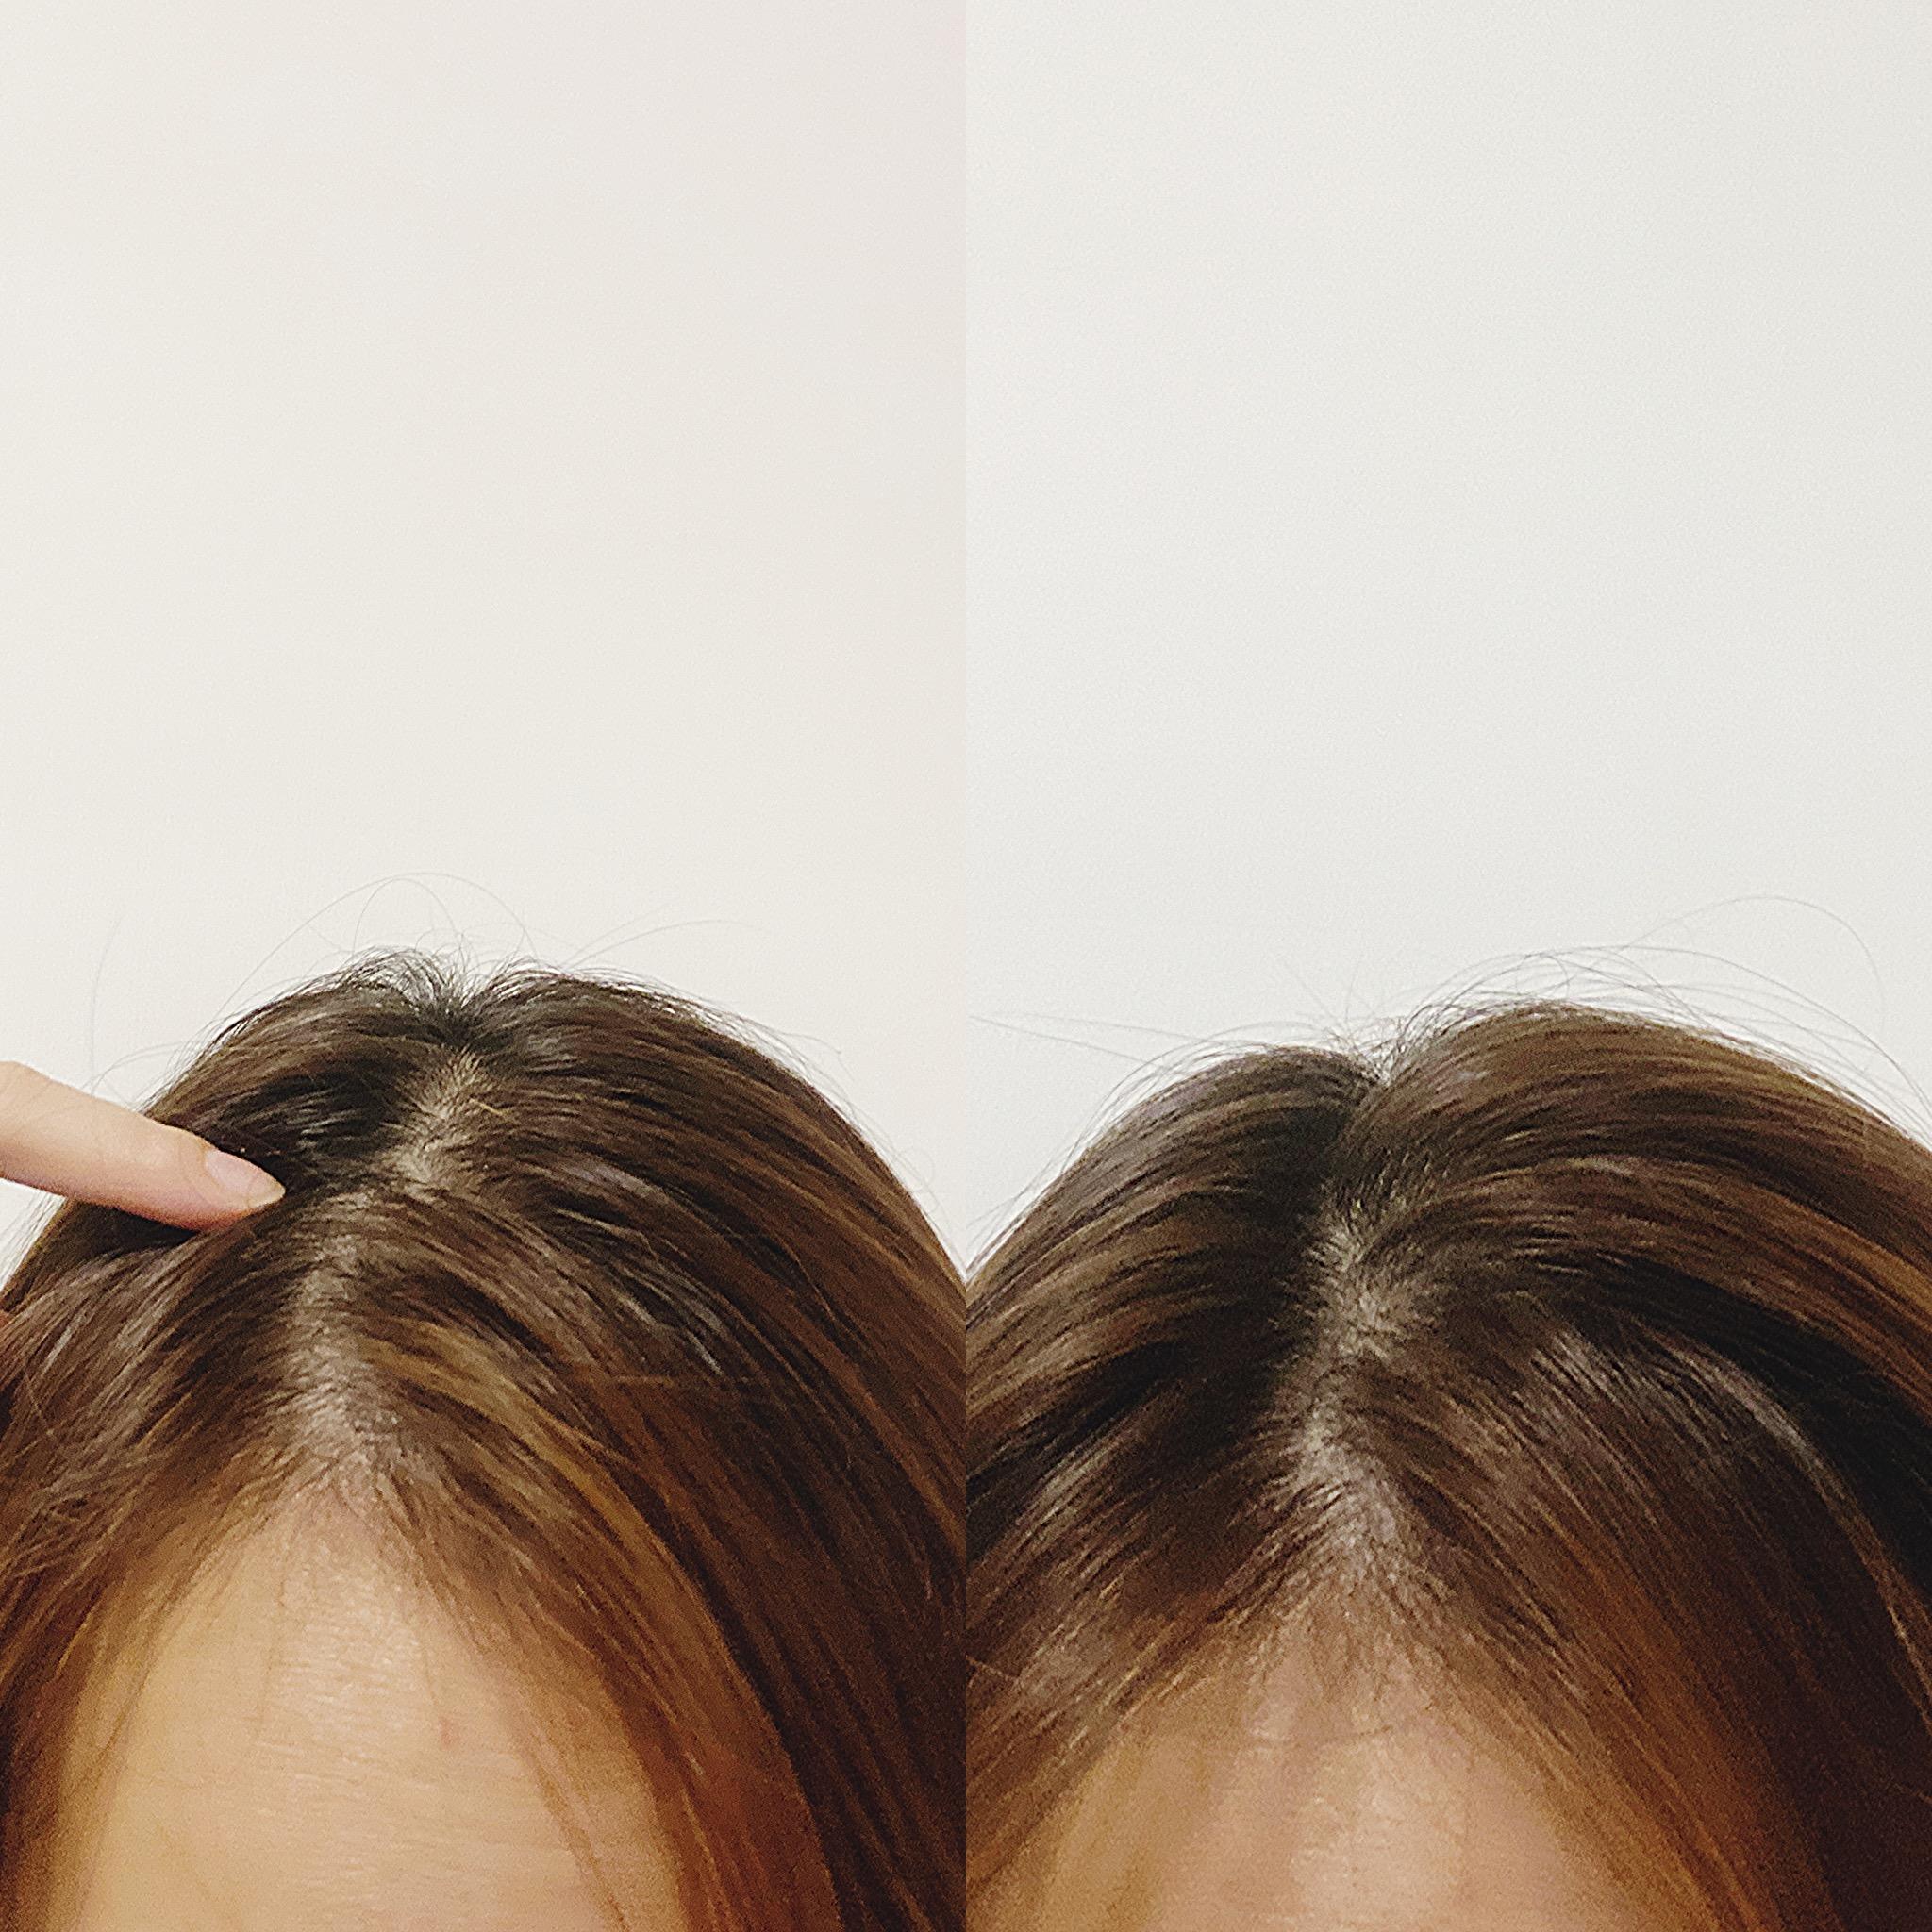 細軟髮洗髮精推薦 MIT台灣健髮品牌SIRO洗護髮 使用心得